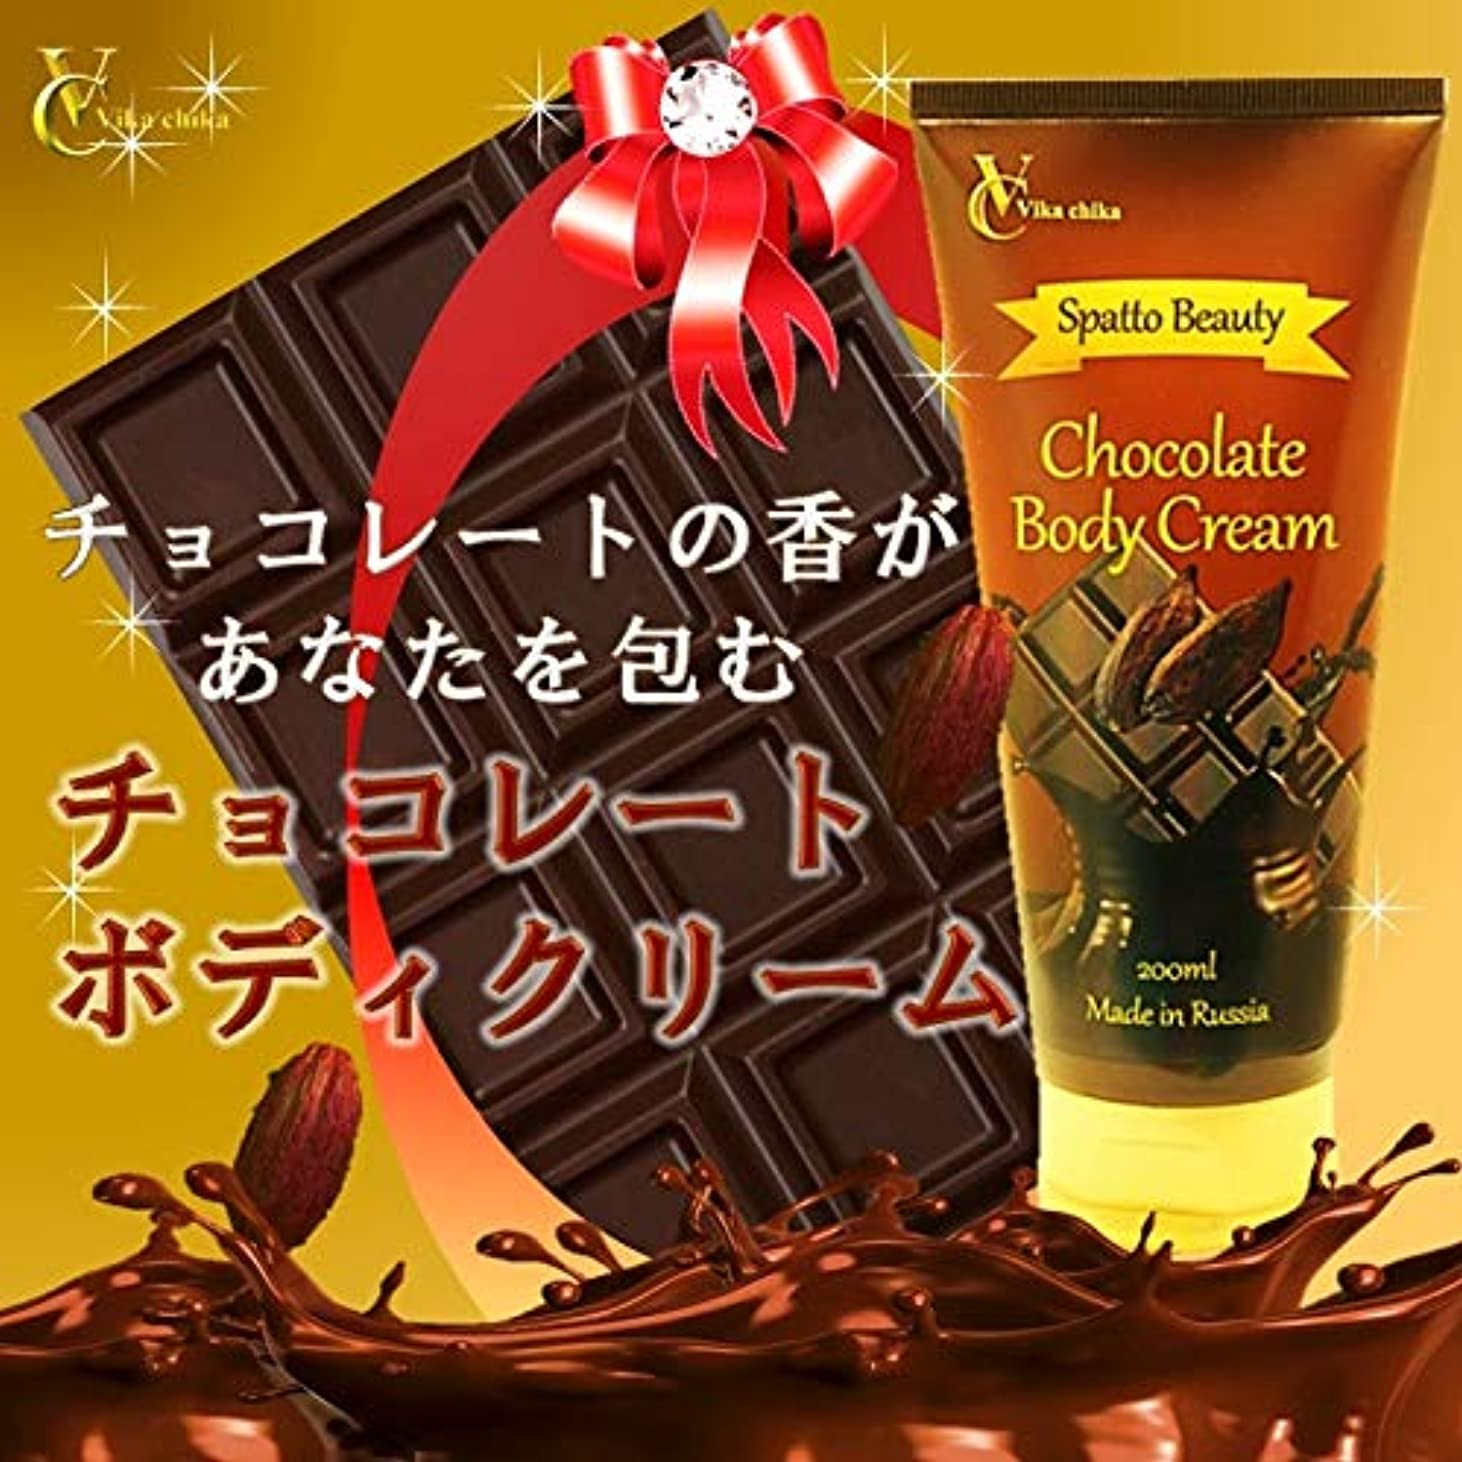 花瓶シリーズ鬼ごっこビッカチカ スパッと ビューティ チョコレートボディクリーム 200ml